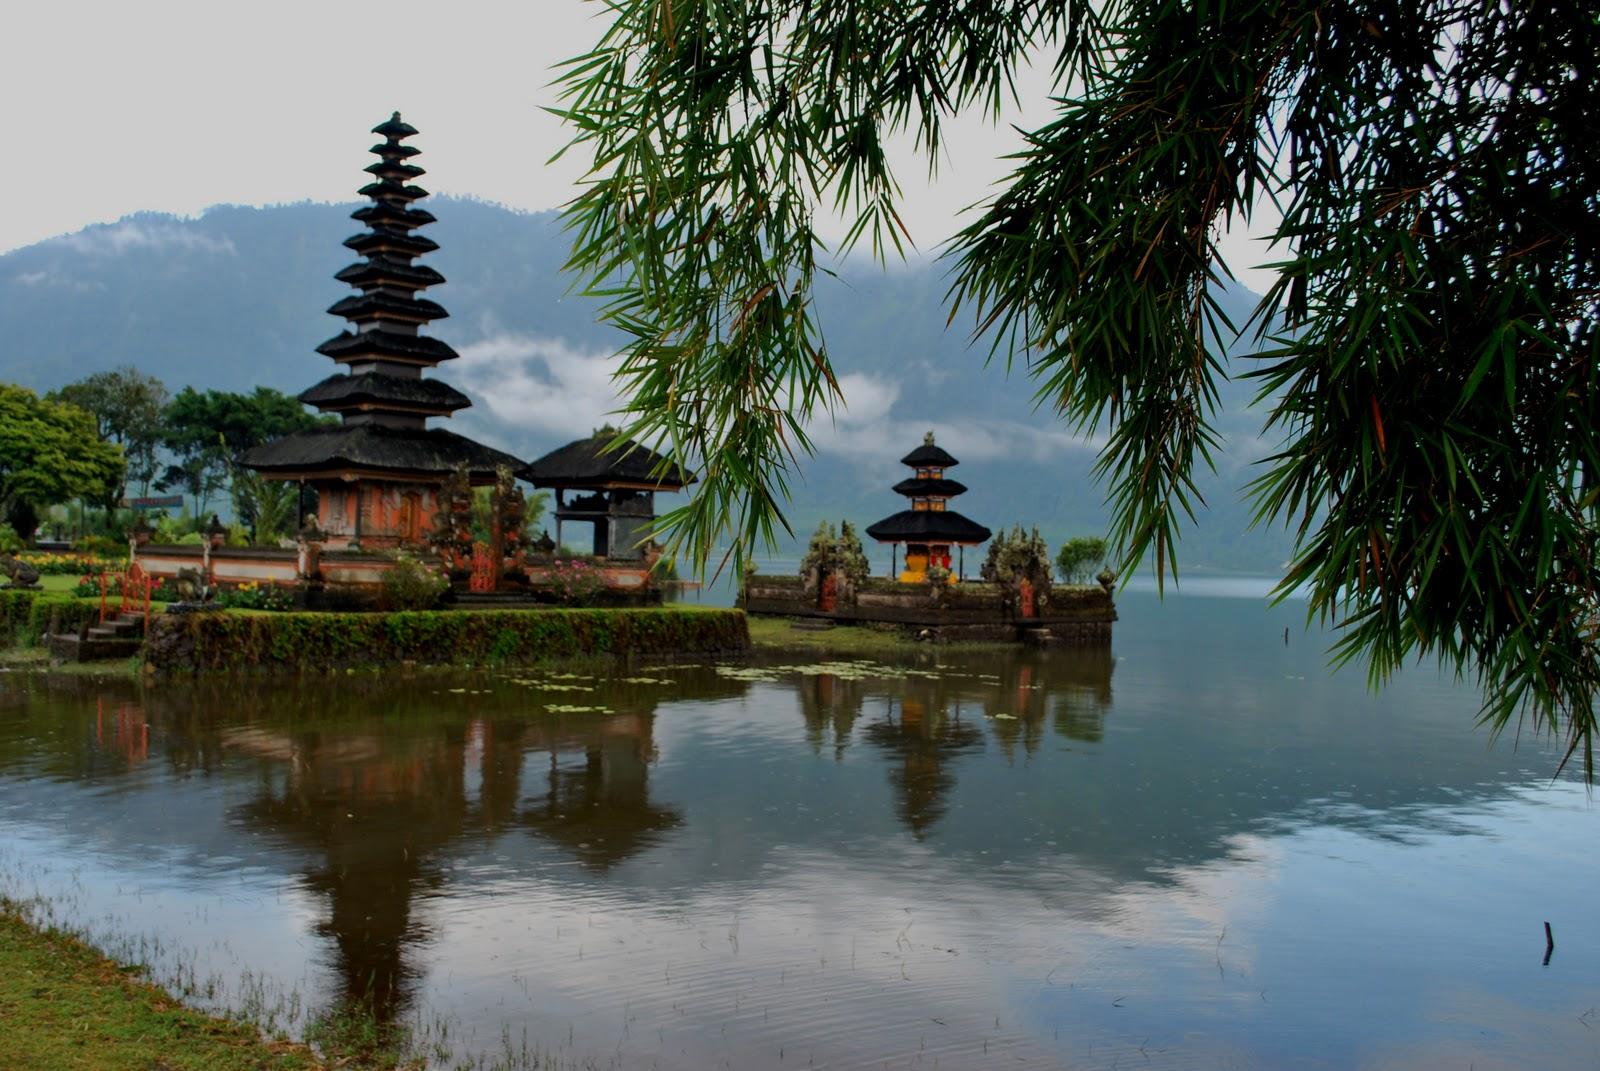 Ulun Danu Beratan Bedugul Pura Mari Mengenal Tempat Wisata Bali